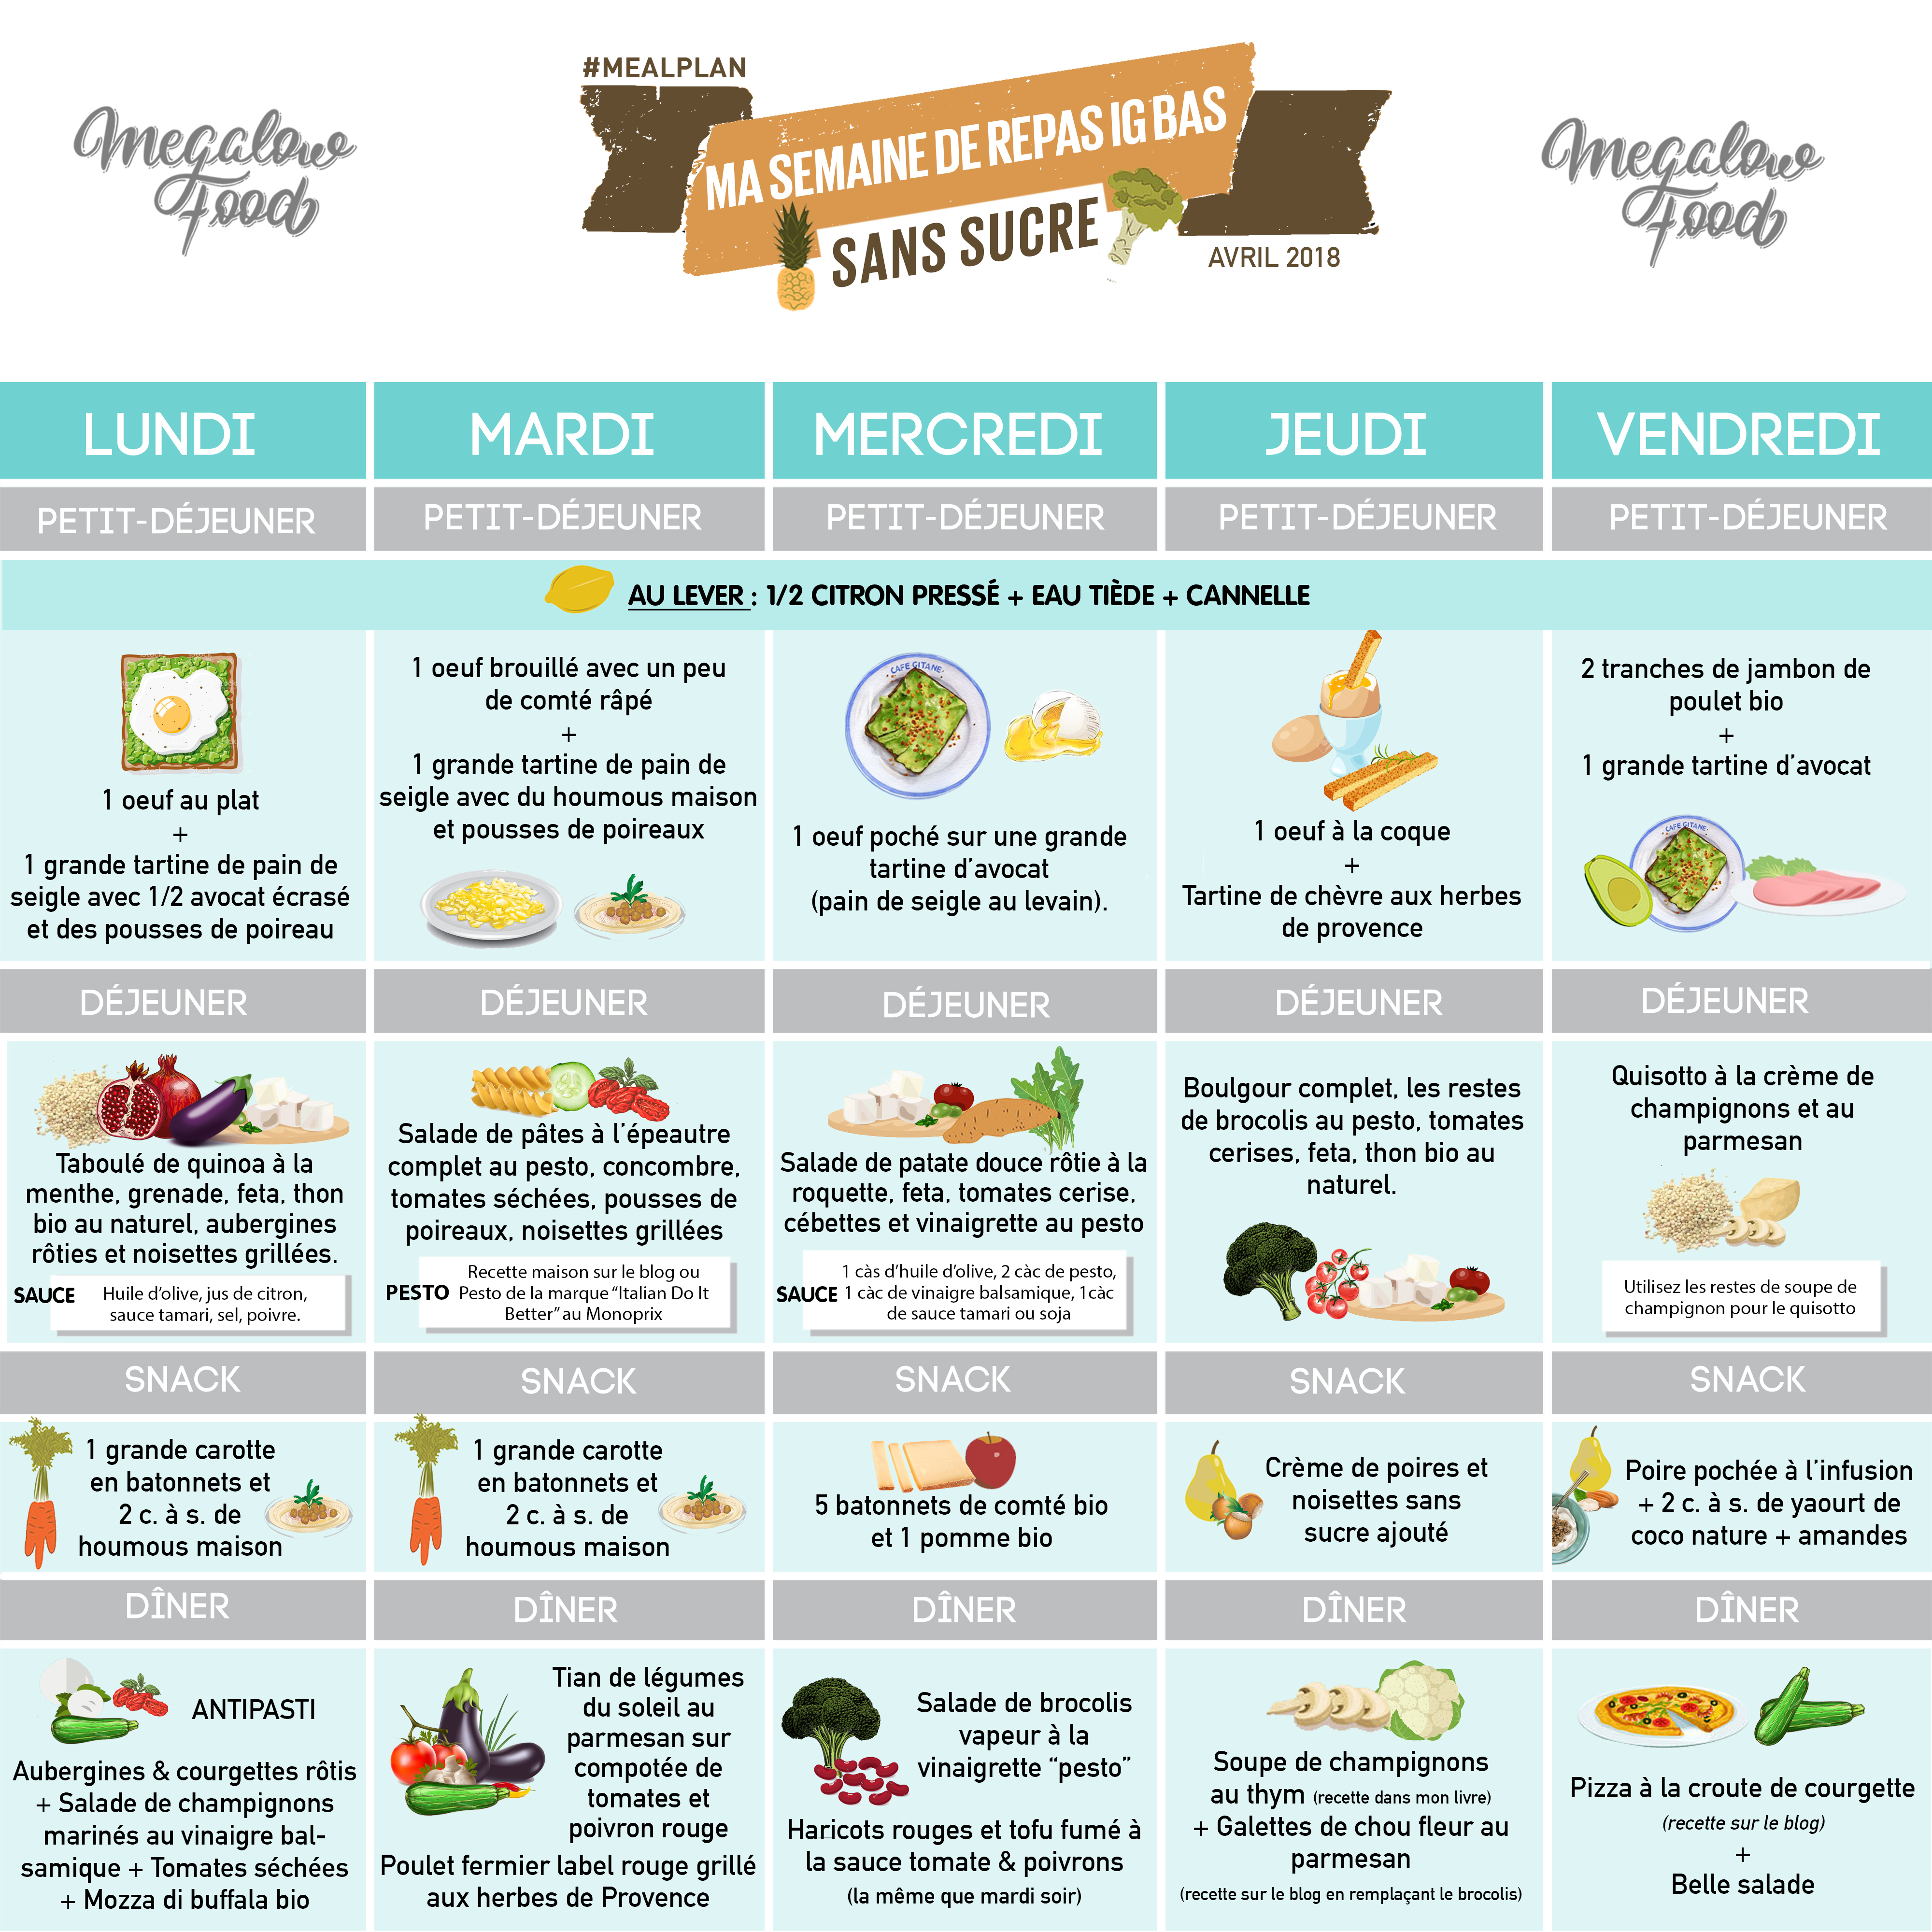 programmes de perte de poids sans gluten